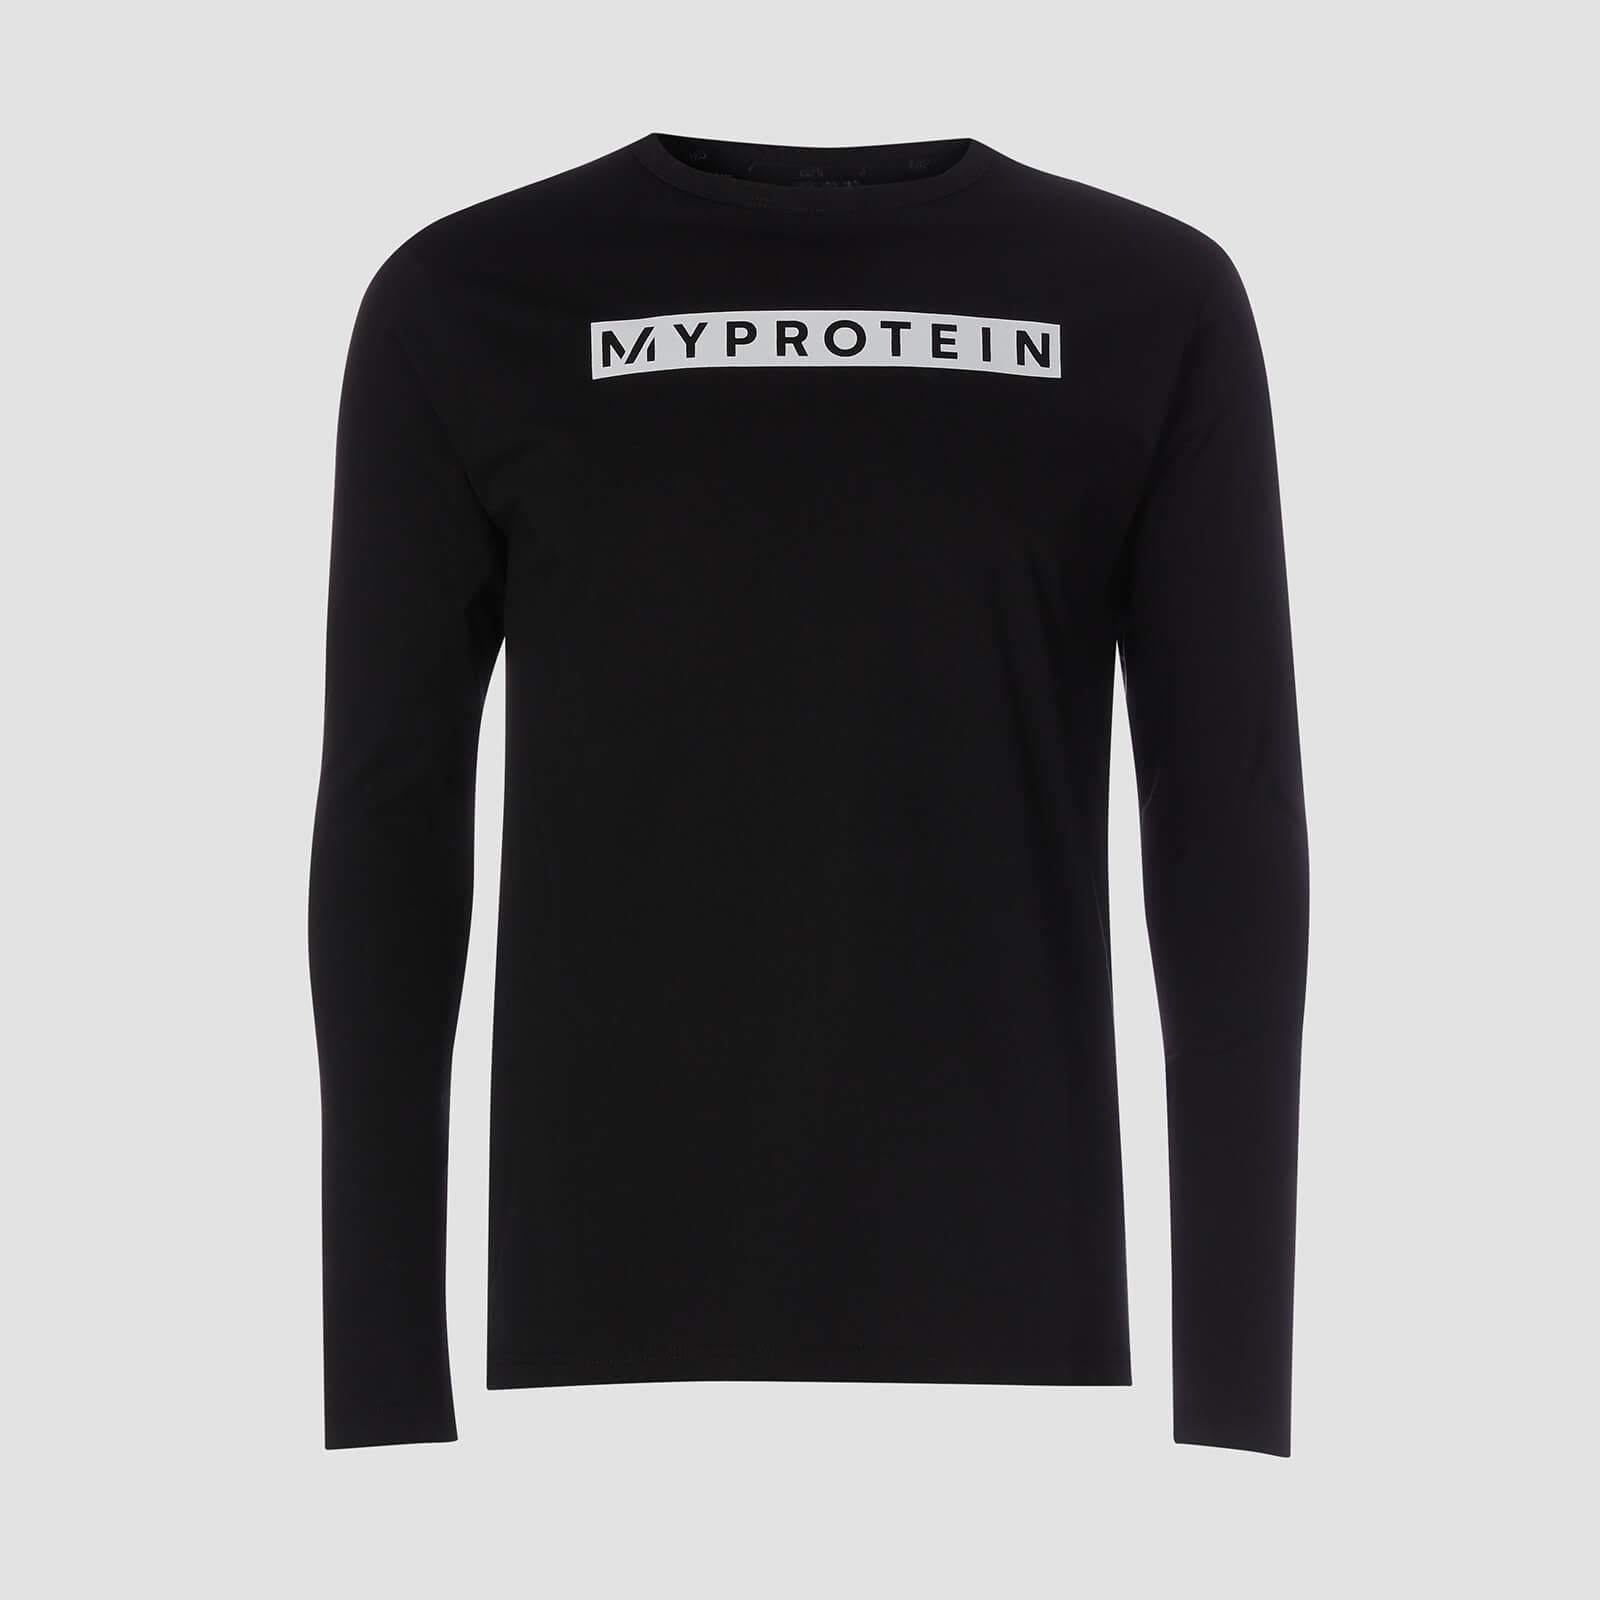 Myprotein T-shirt Original Long Sleeve - Nero - XXXL